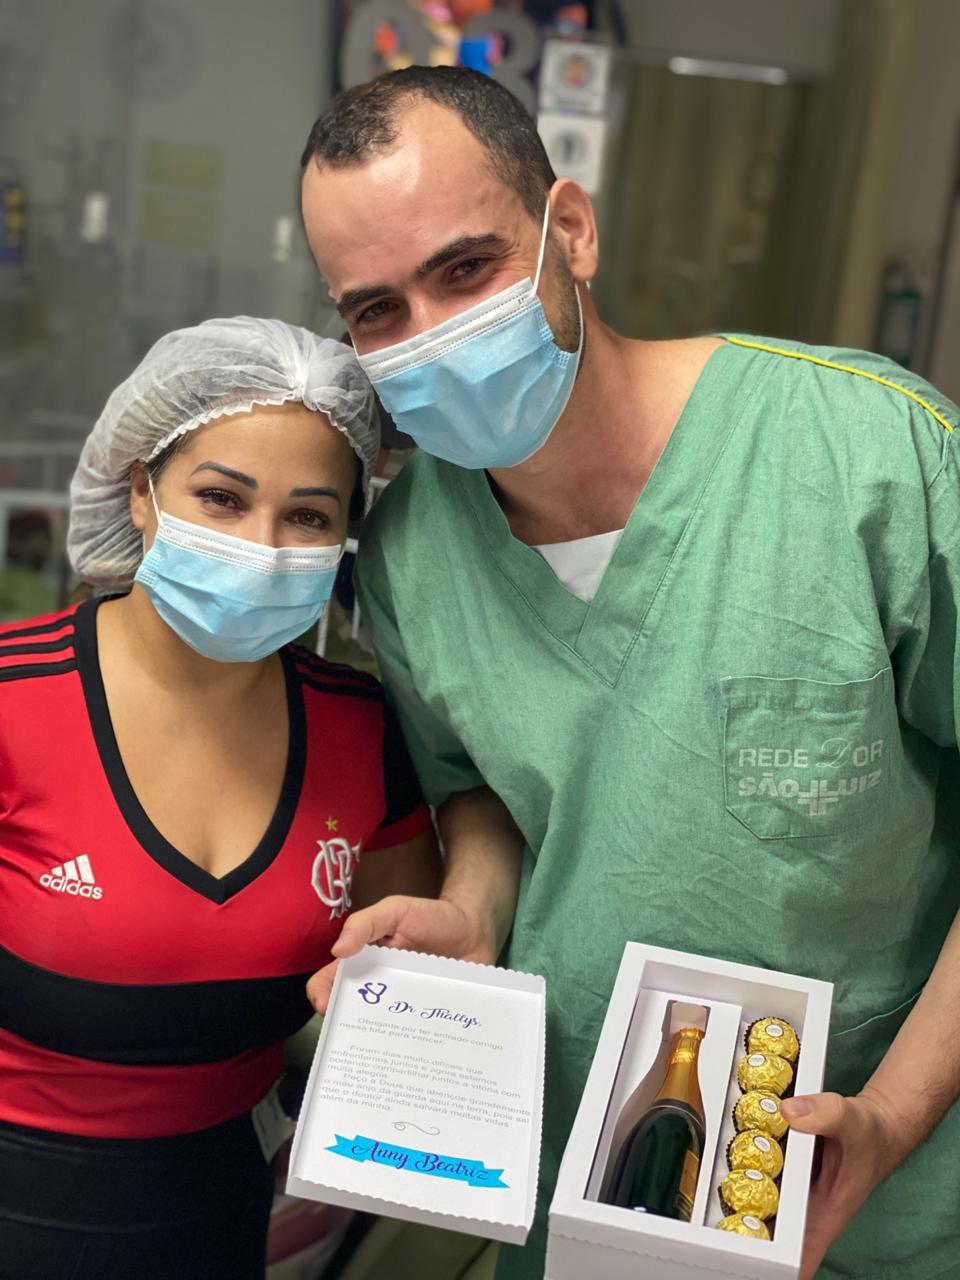 médico ao lado mãe paciente vestindo camiseta flamengo